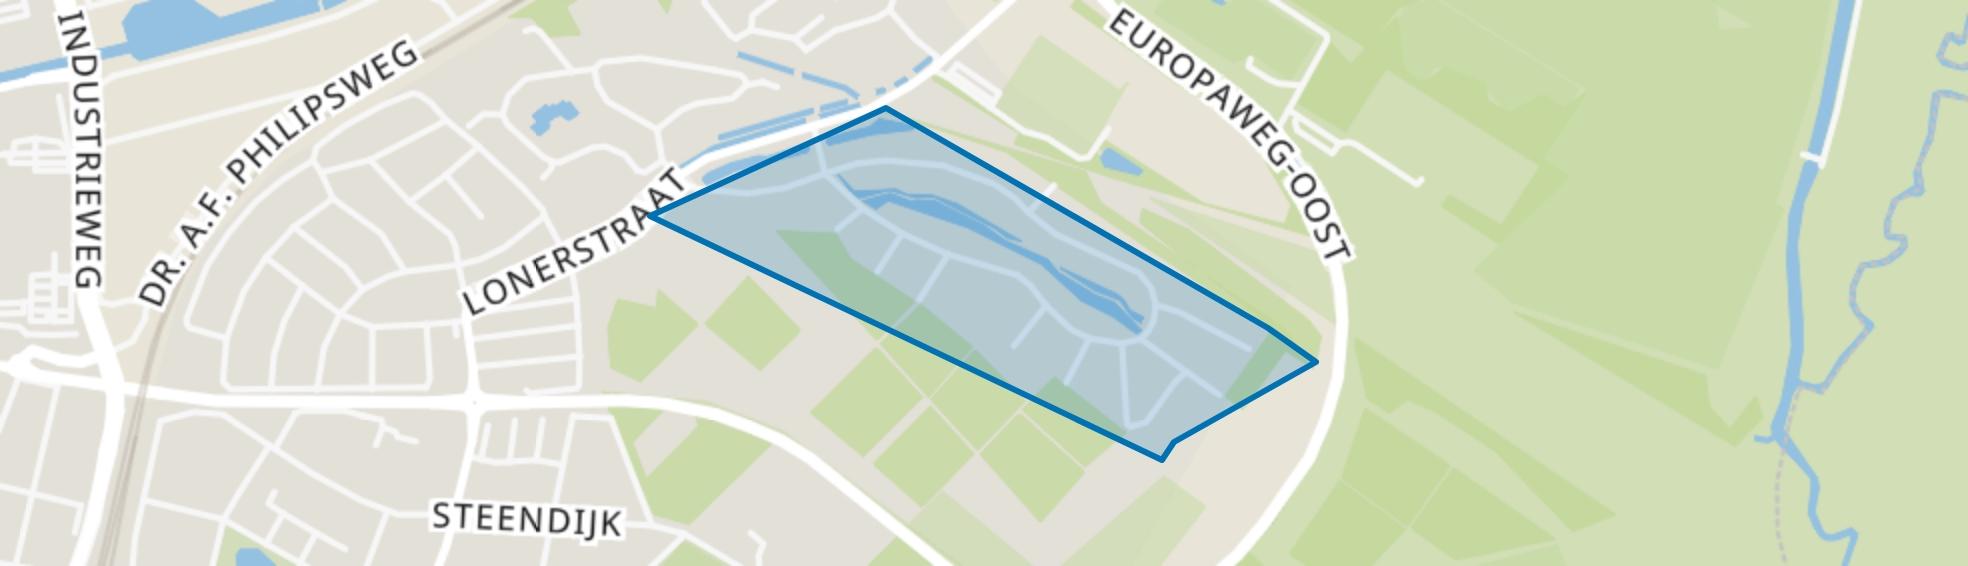 Houtlaan, Assen map